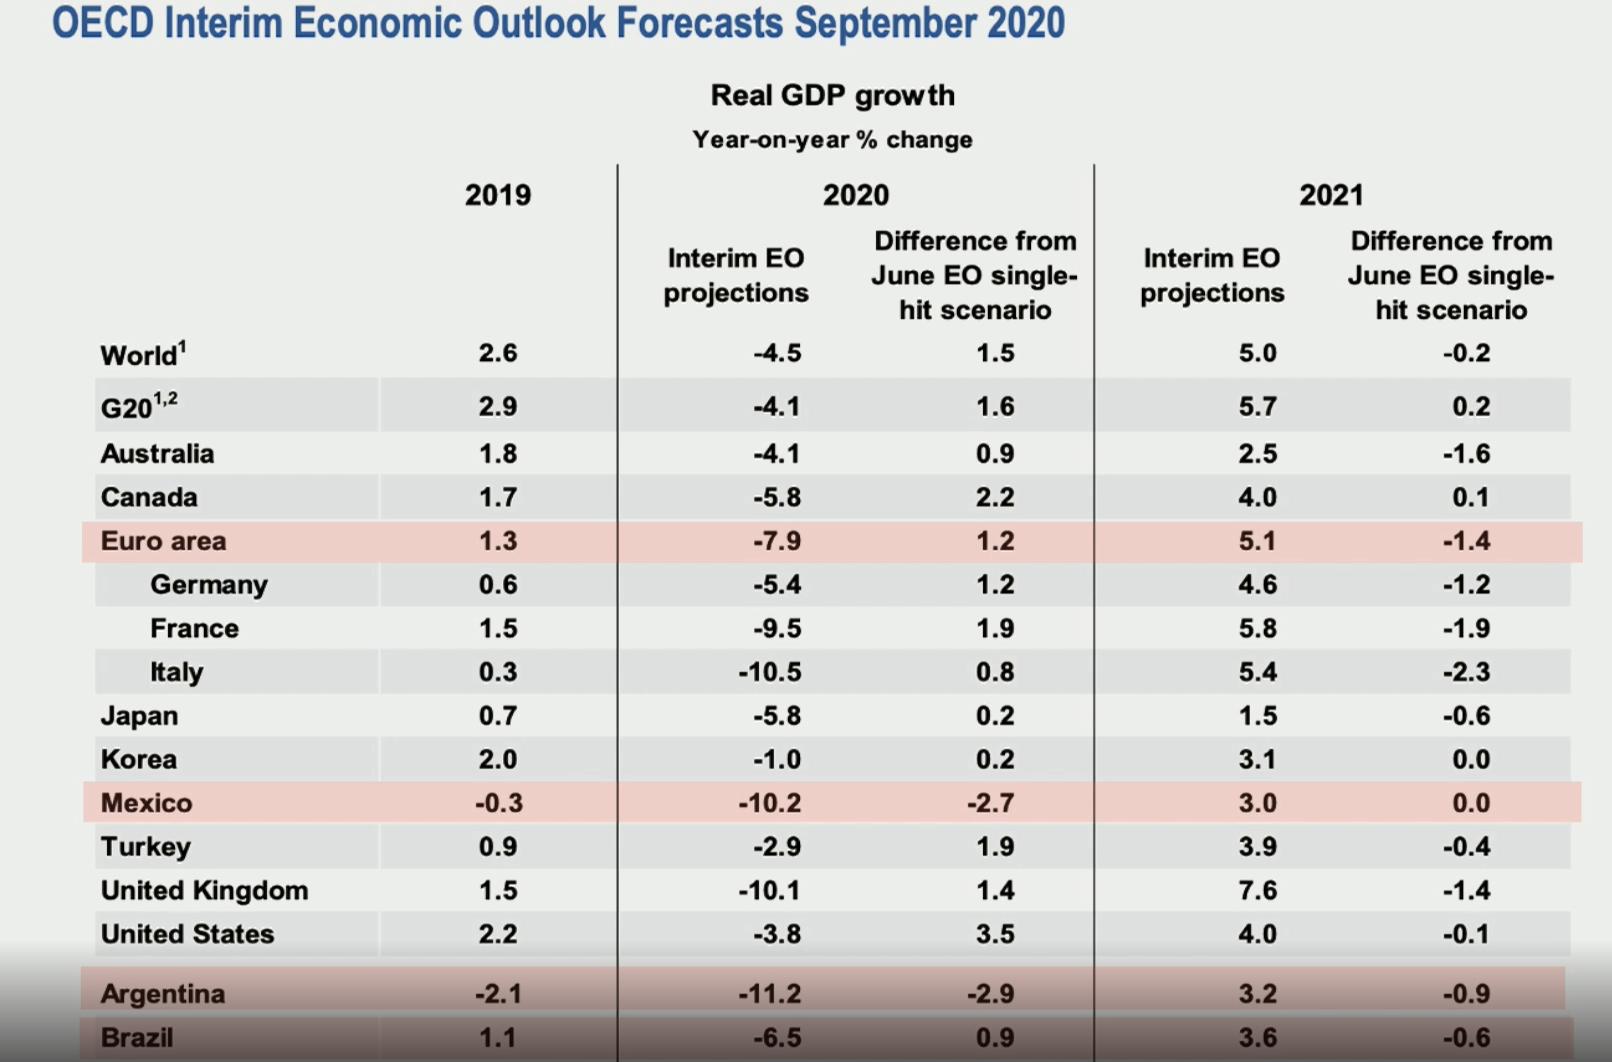 Gráfico del informe de la OCDE. 16 de septiembre de 2020.